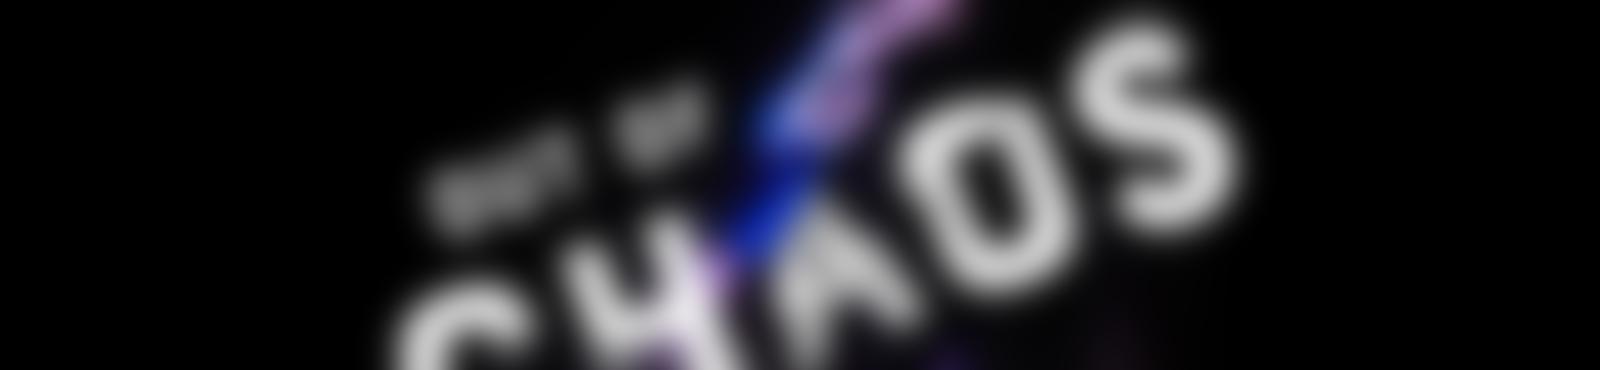 Blurred e47a27a8 83c9 47be b352 2320bef96fe6